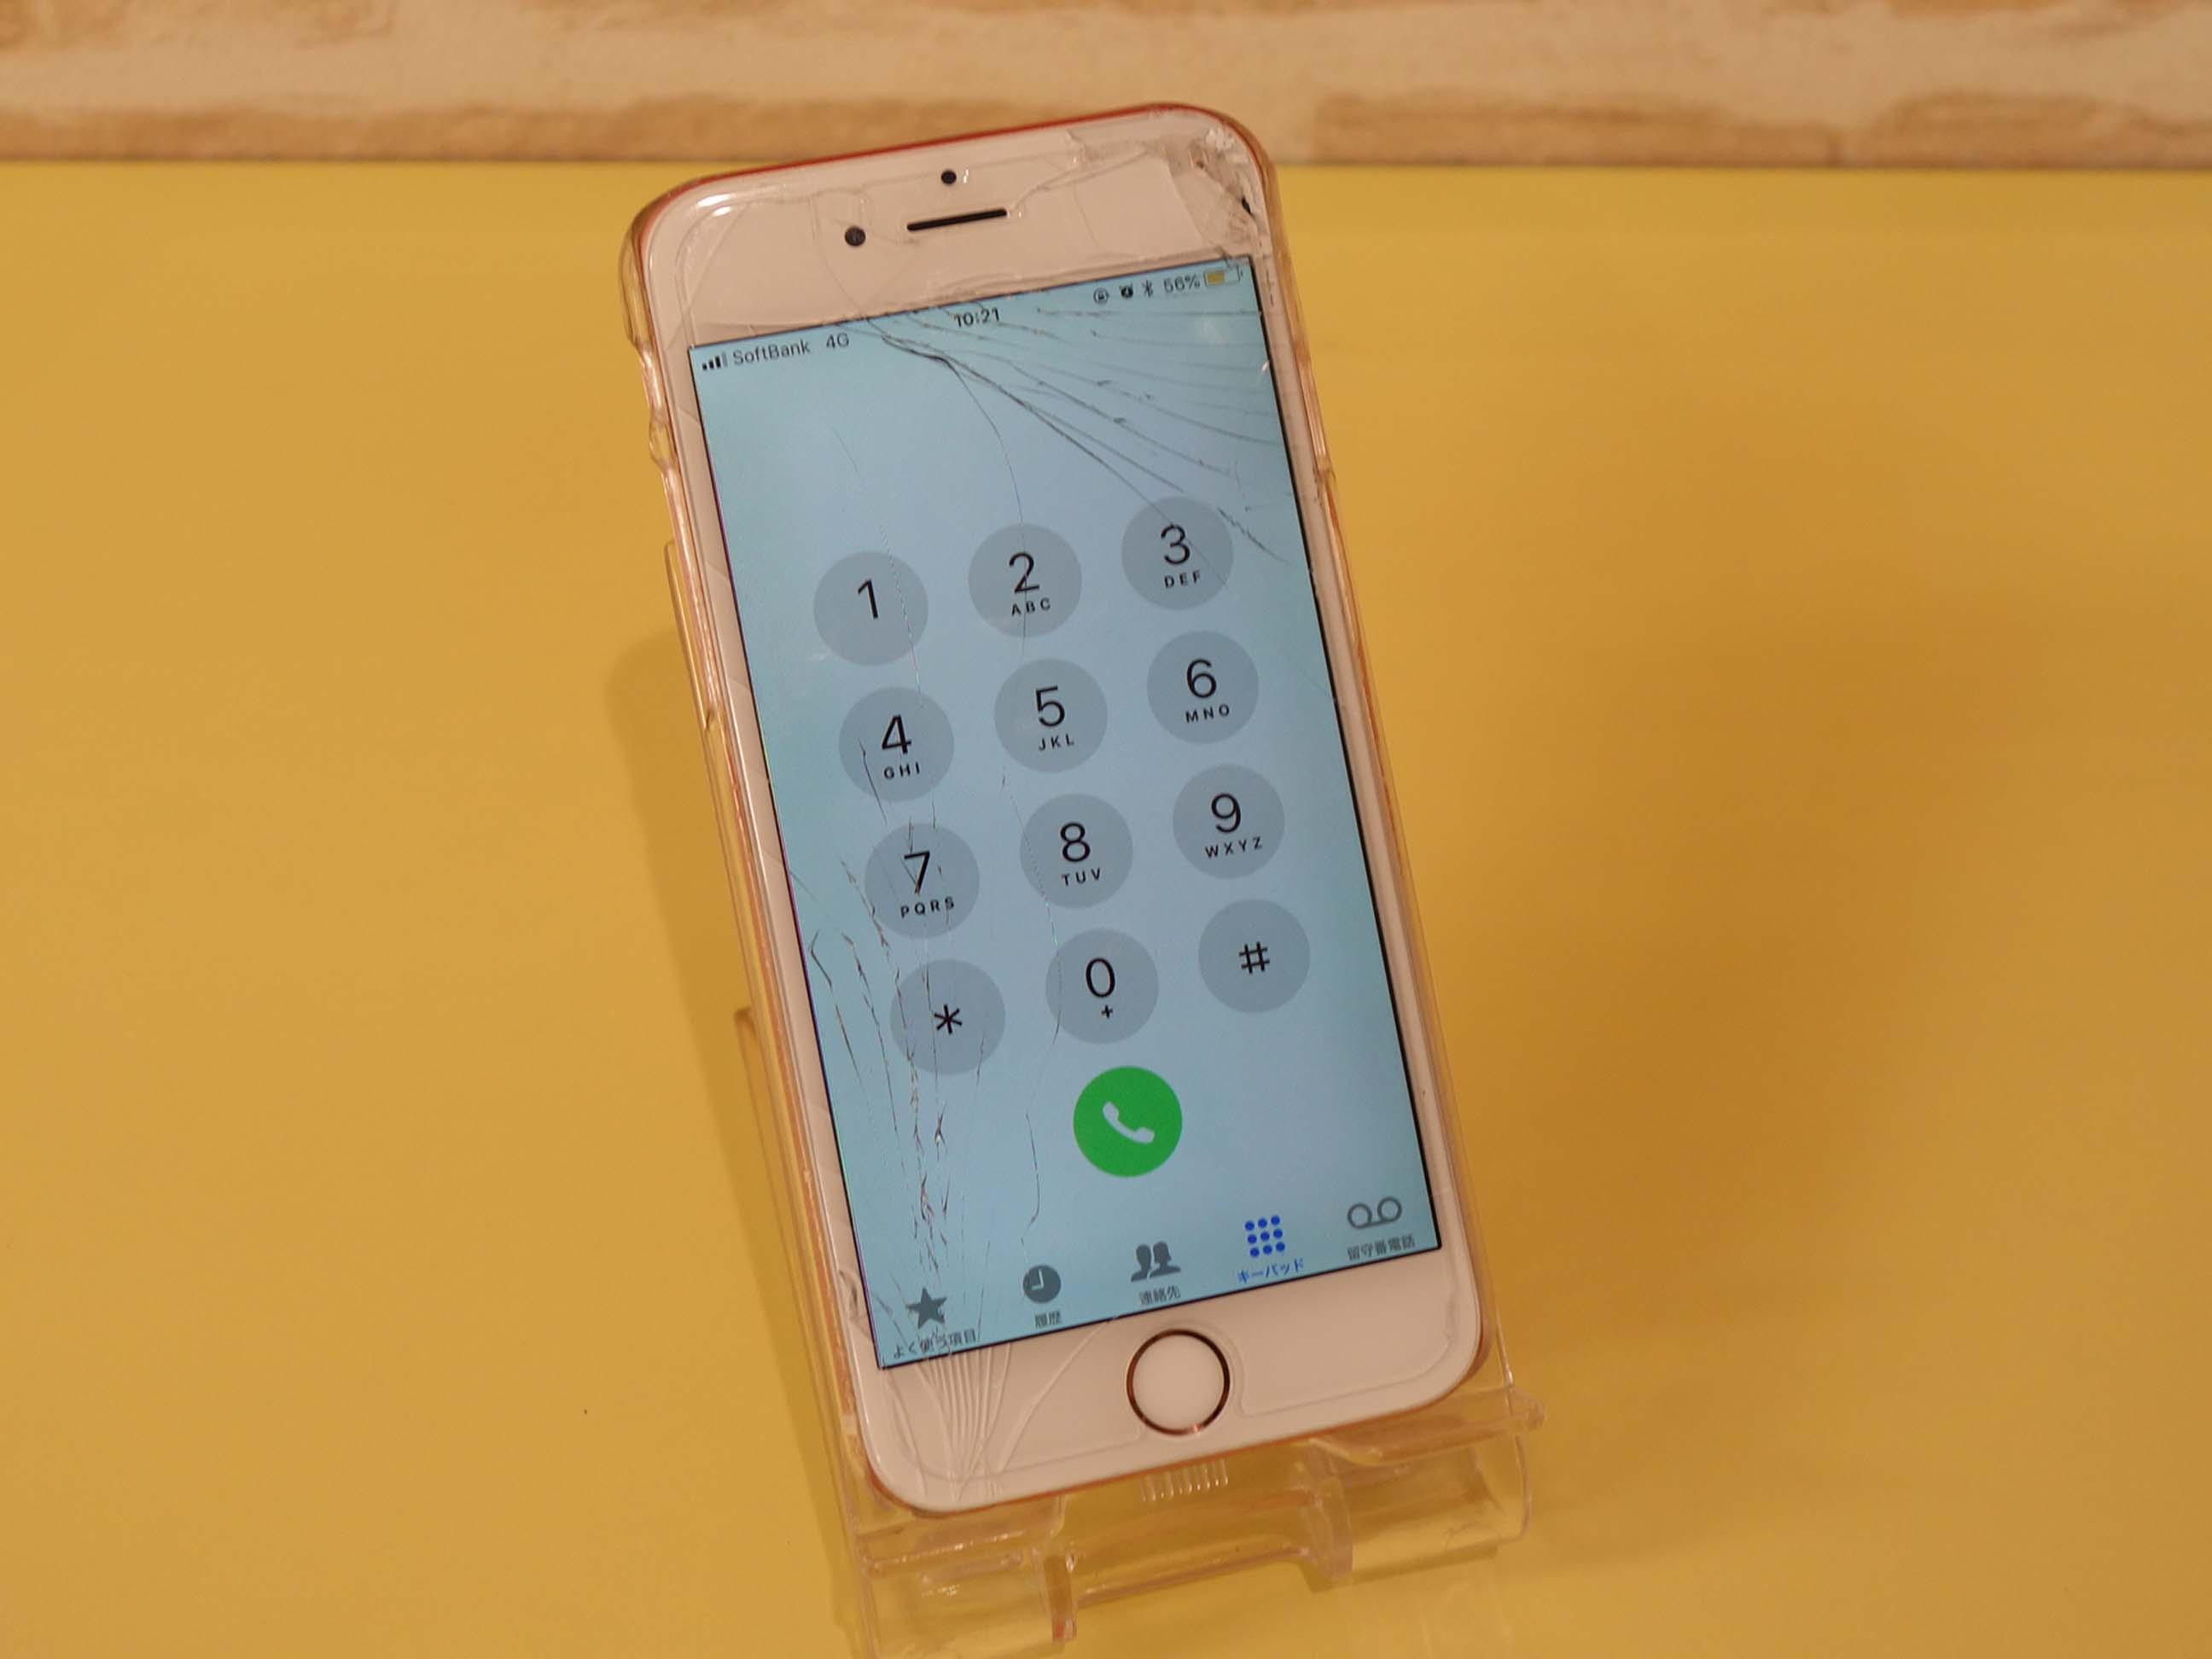 iPhone6Sのガラス&バッテリー交換修理に名古屋市内よりご来店!アイフォン修理のクイック名古屋